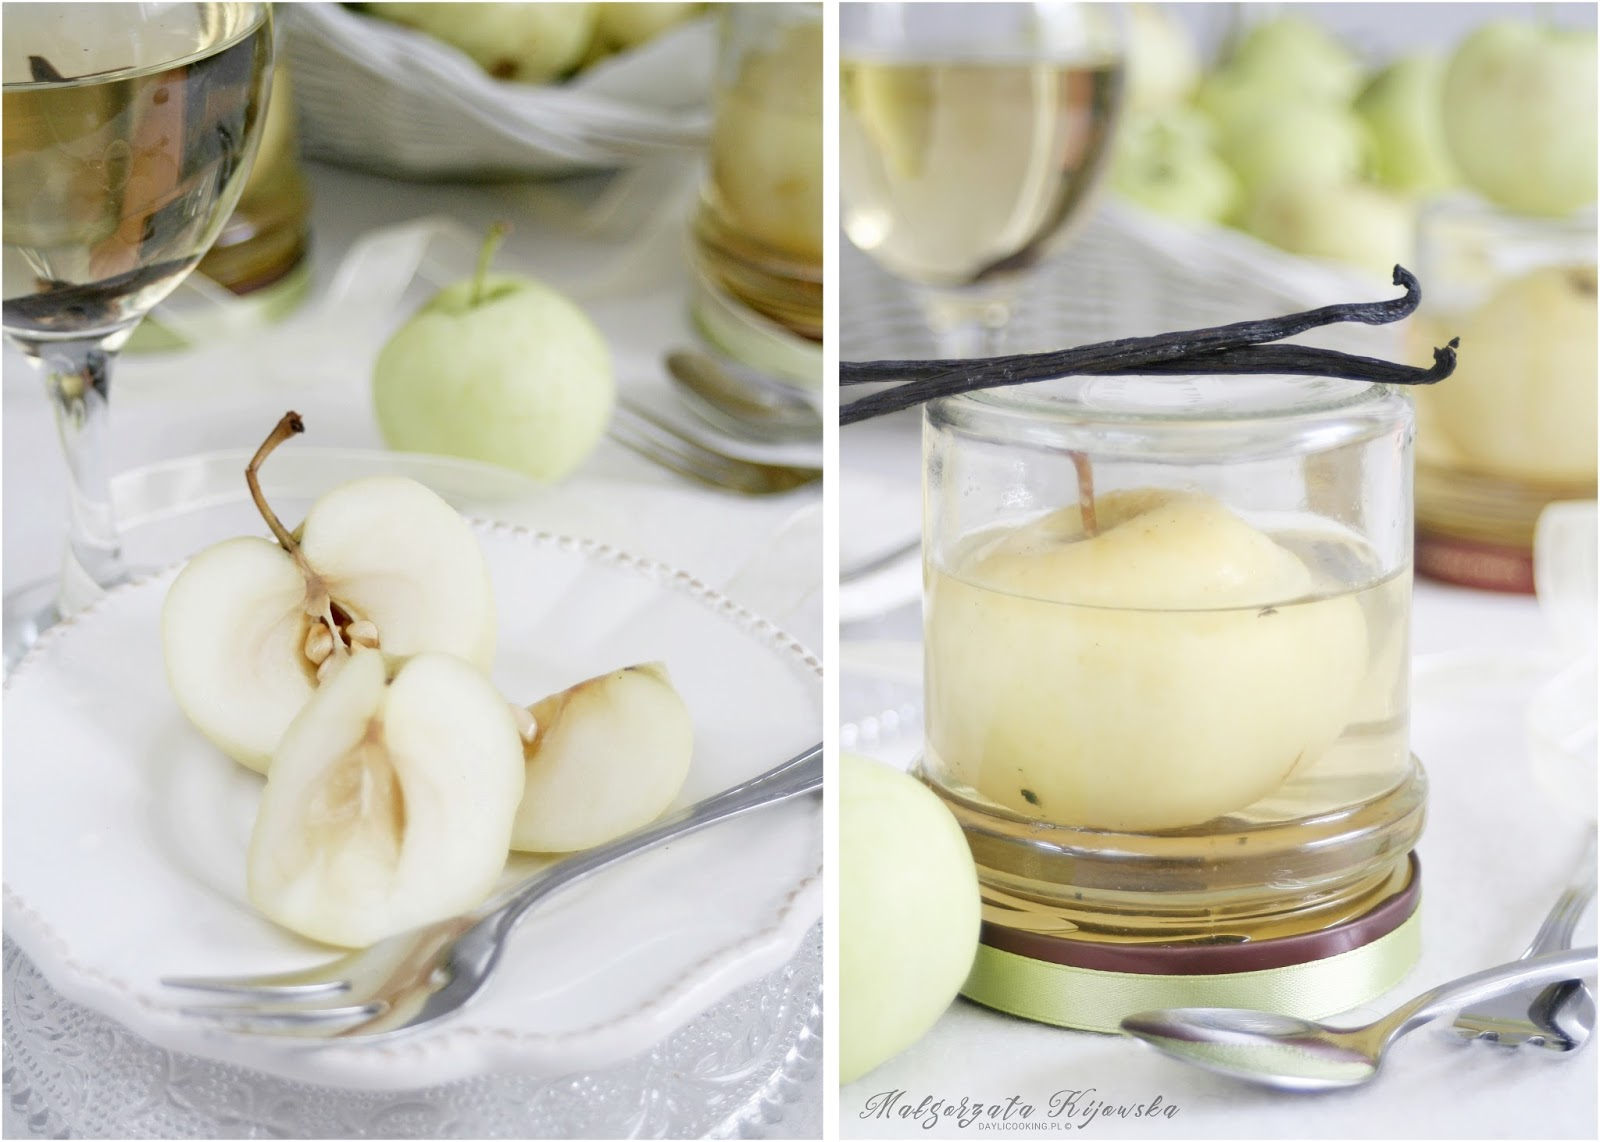 jabłka w syropie, przetwory, owocowy syrop, wanilia, daylicooking, Małgorzata Kijowska